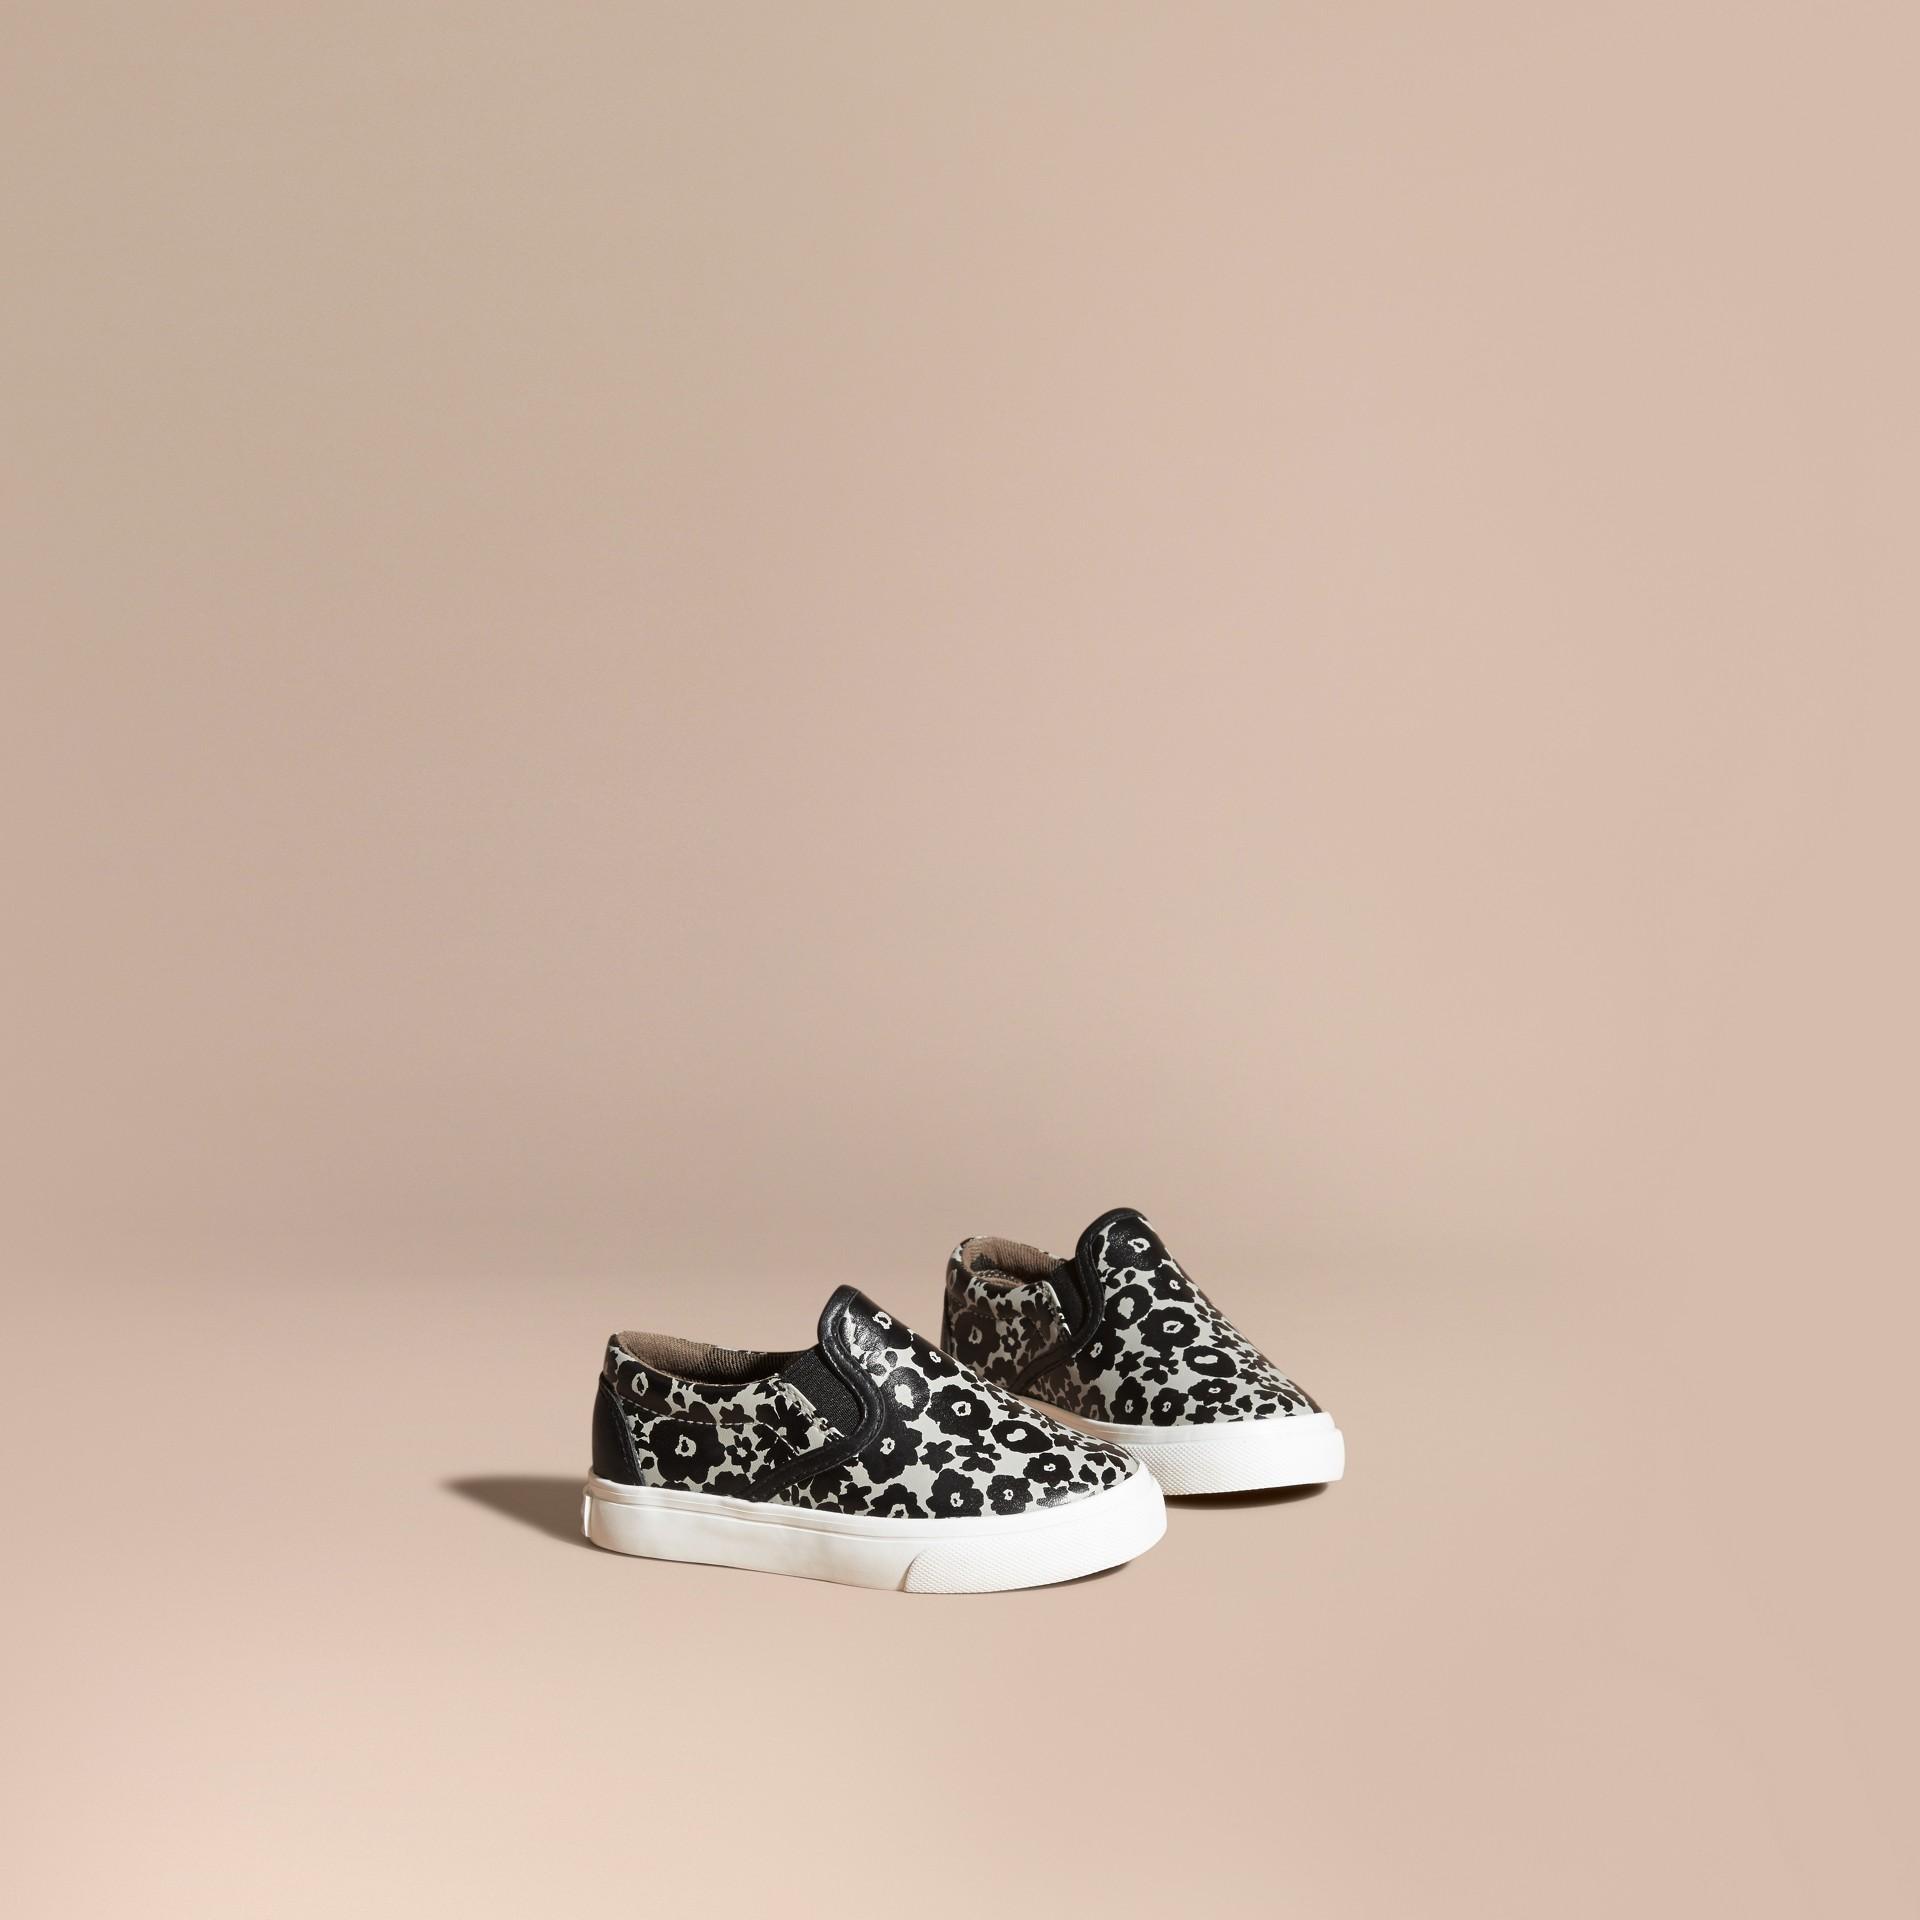 Nero/bianco Sneaker senza lacci in pelle con stampa floreale - immagine della galleria 1